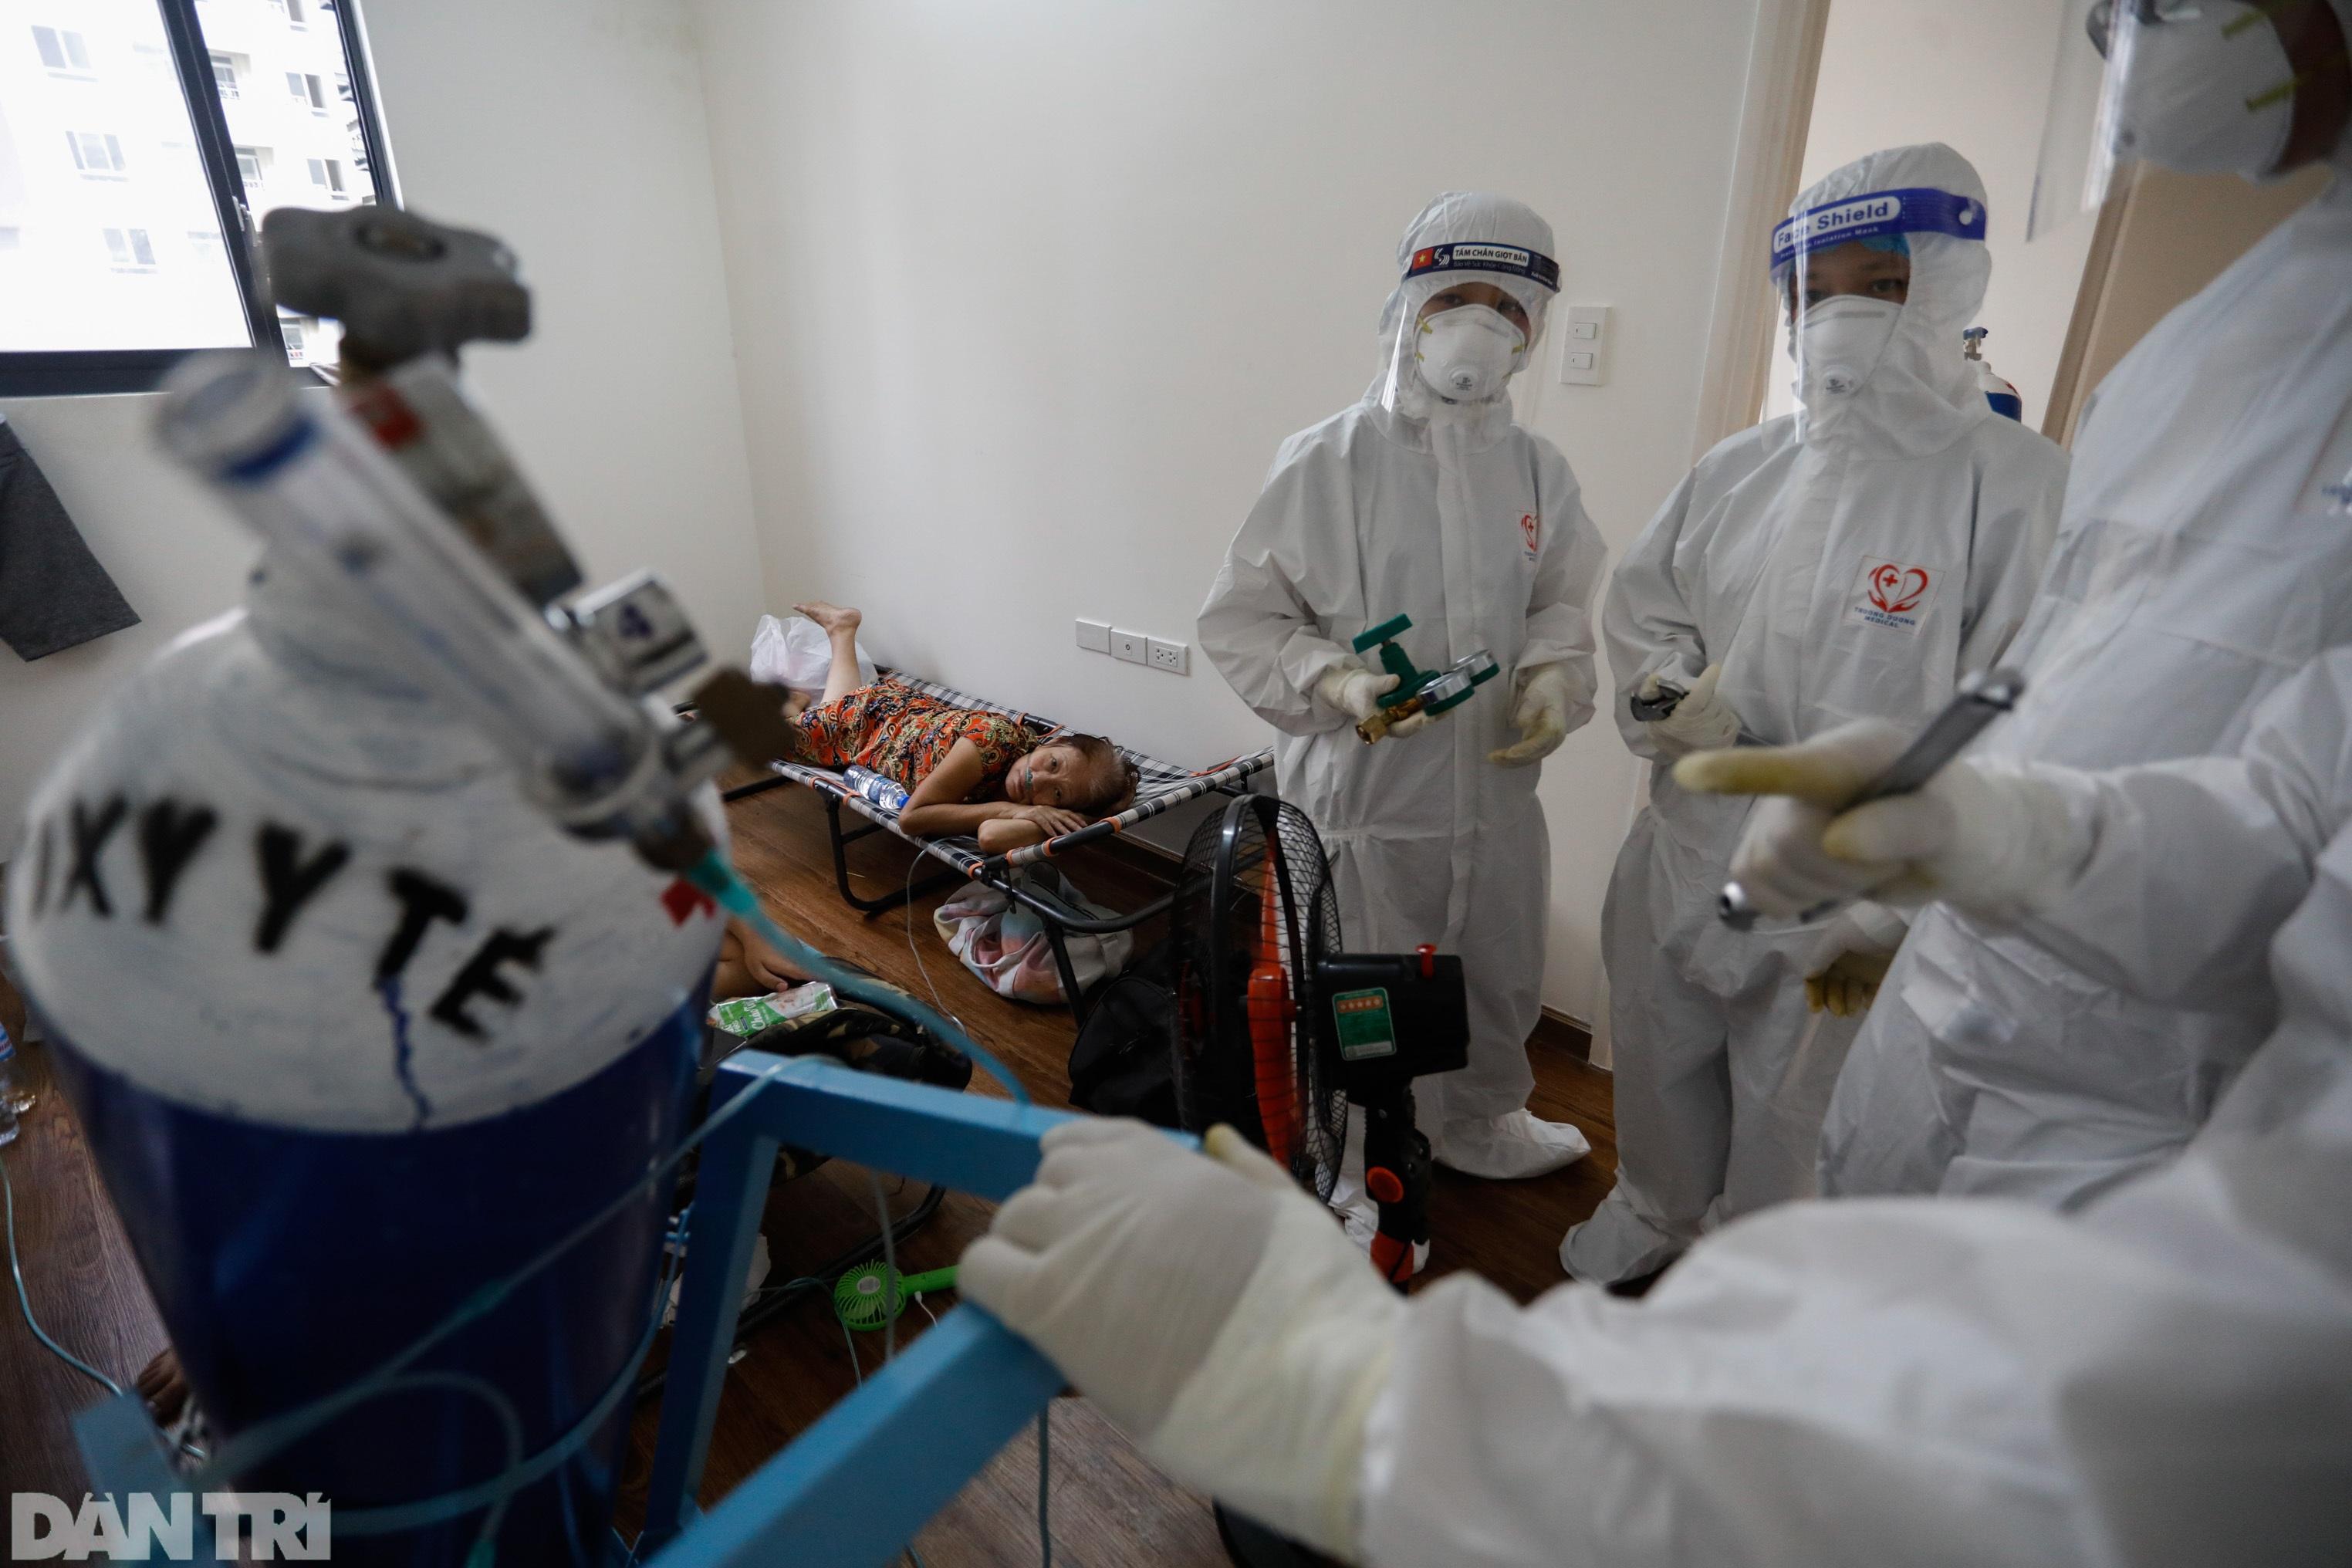 Bác sĩ sáng chế bình oxy đặc biệt giúp hàng trăm F0 vượt cửa tử - 8